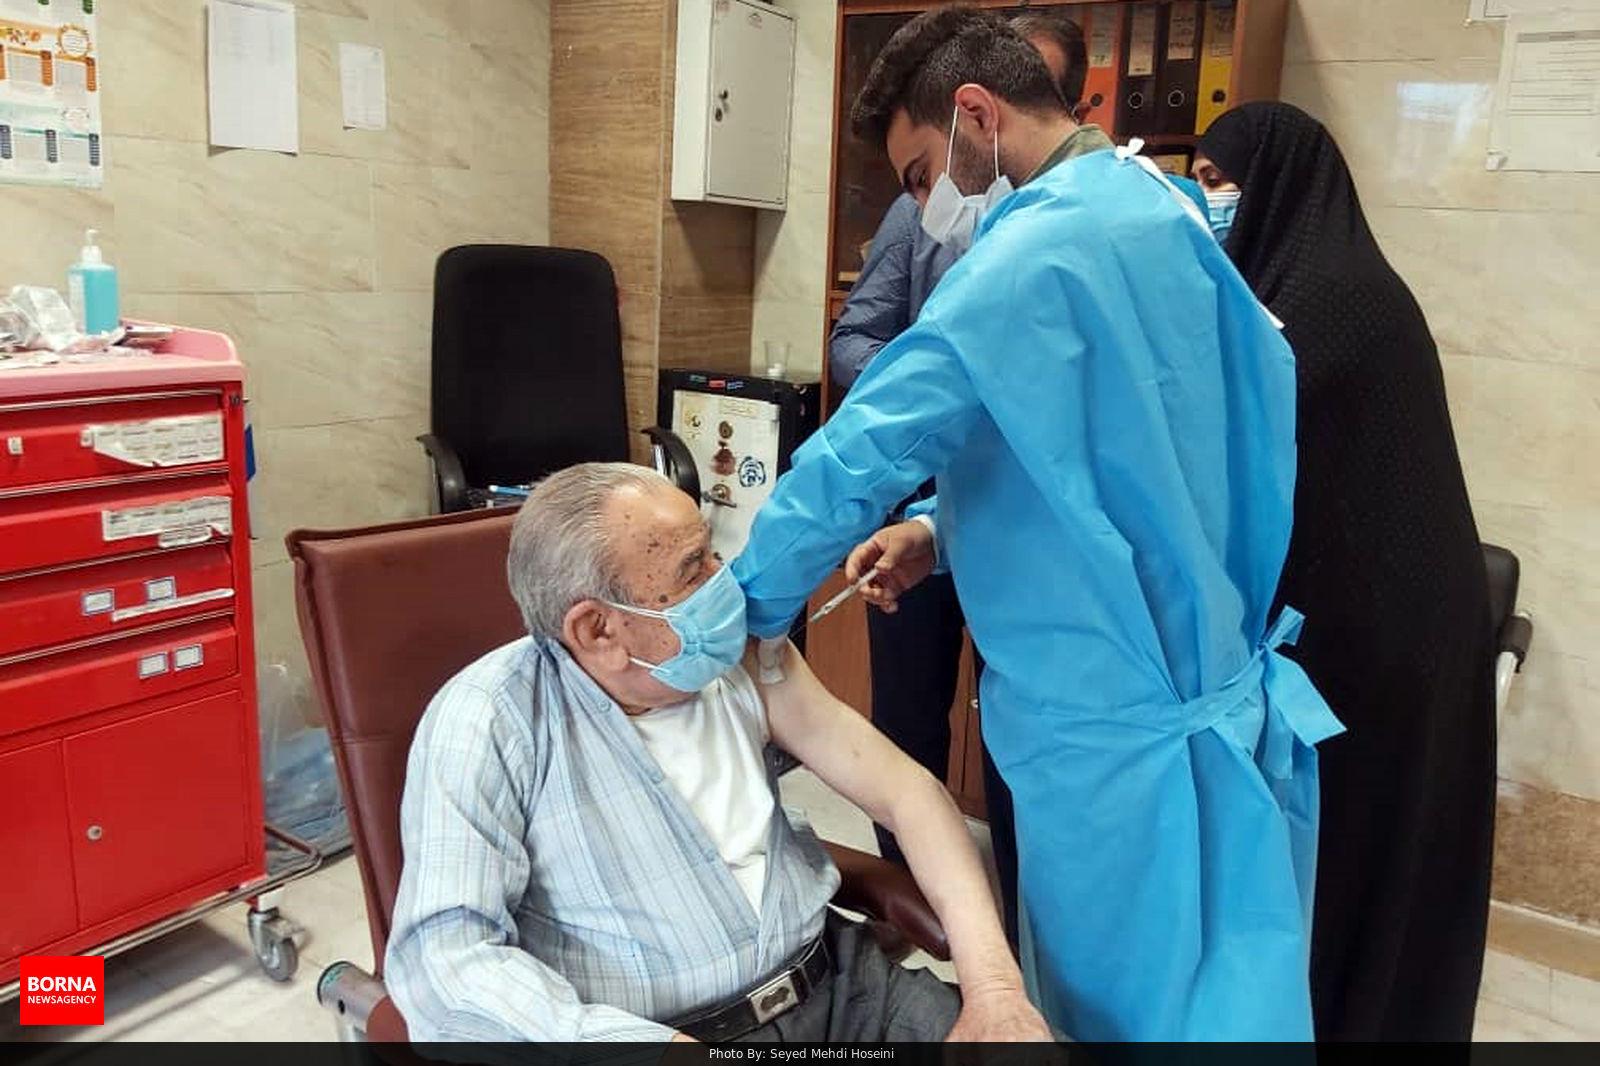 آغاز واکسیناسیون کرونا به پزشکان مطبها در قم